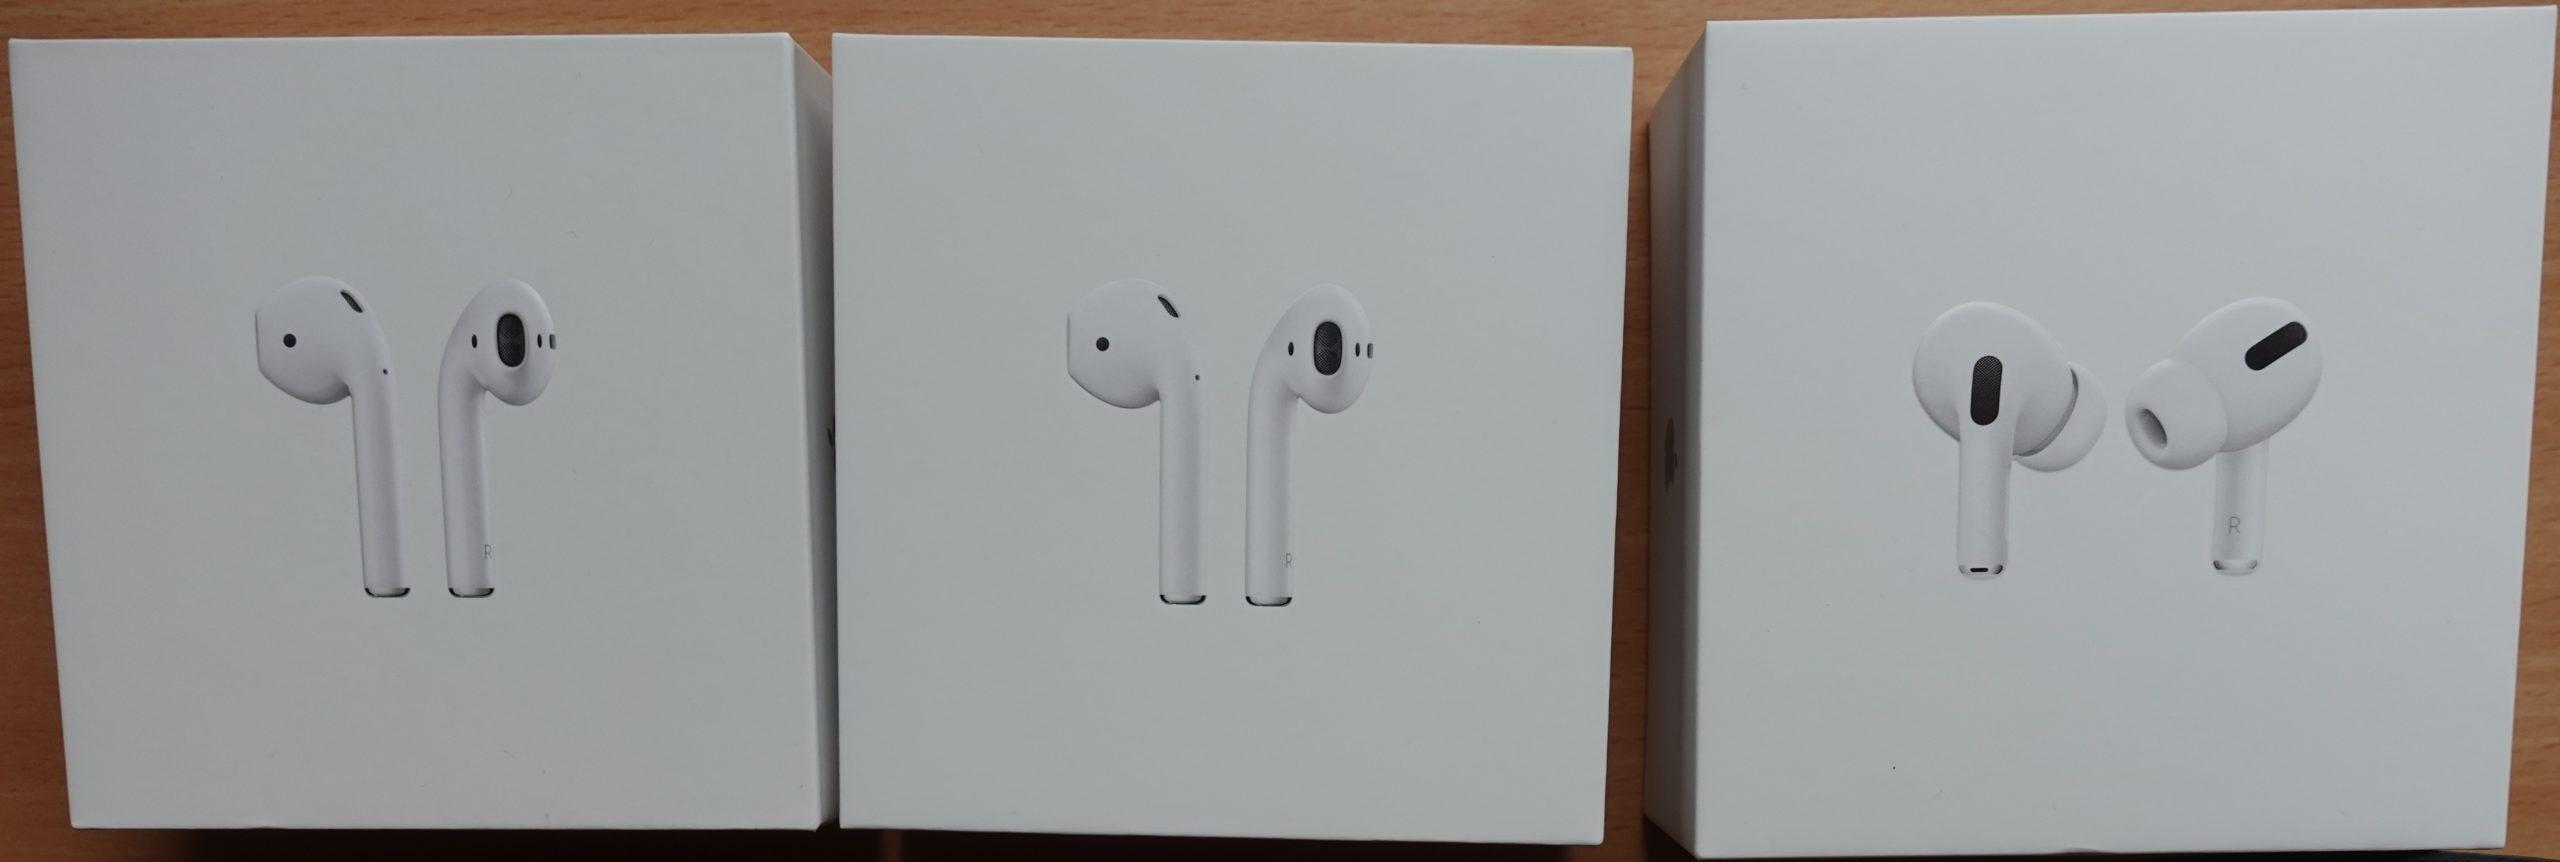 Apple AirPods Aufmacher